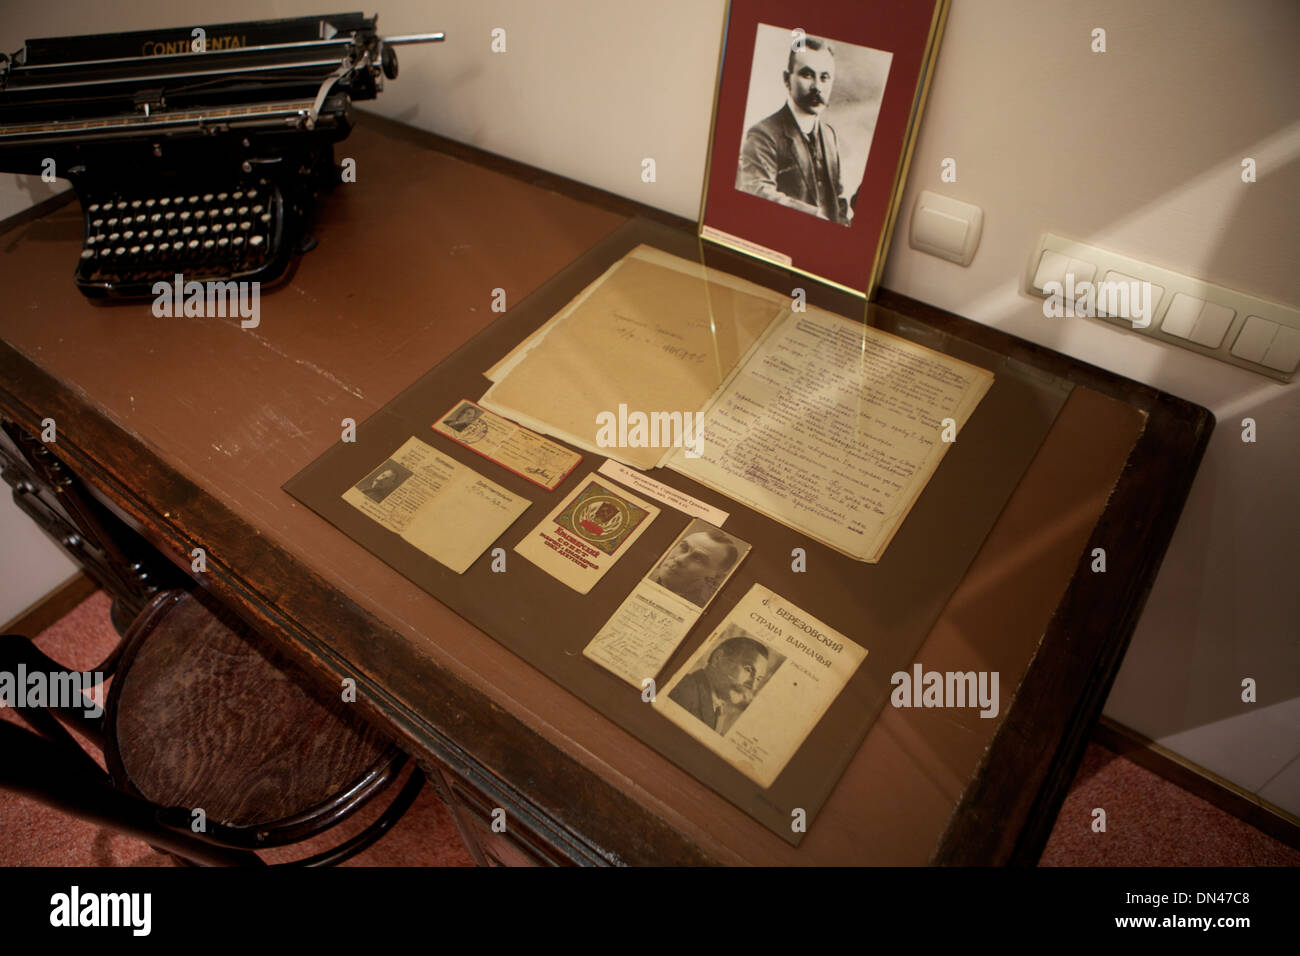 Memorabilia at the Dostoyevsky museum in Omsk, Siberia, Russia Stock Photo